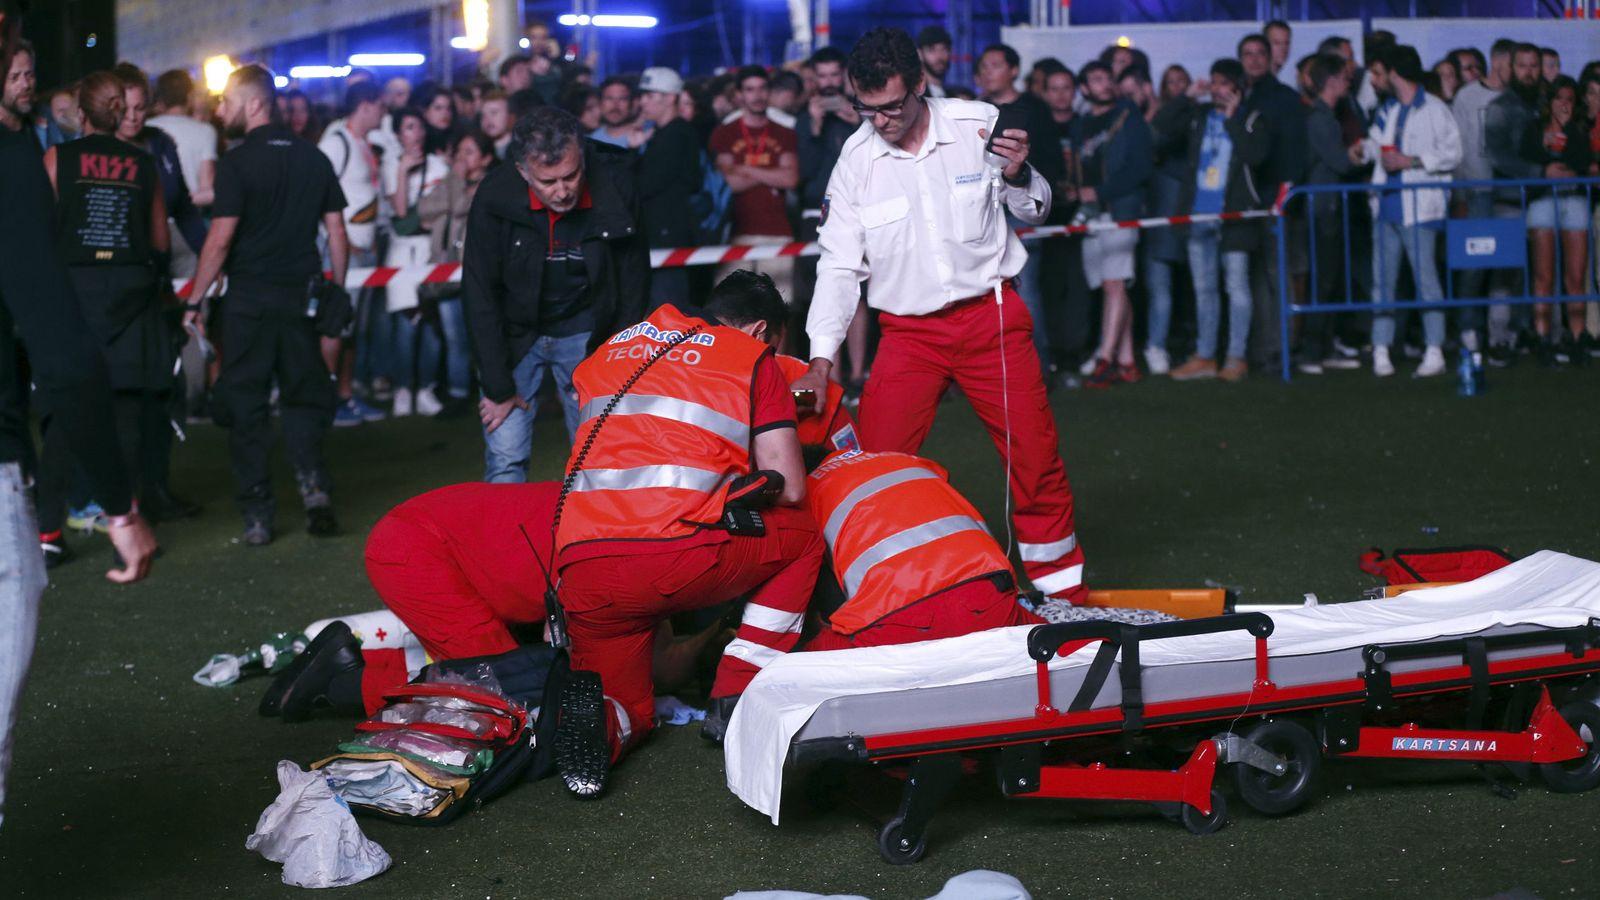 Foto: Miembros de los servicios sanitarios intentan reanimar a un acróbata que se desplomó en medio de una actuación durante el Mad Cool Festival. (EFE)